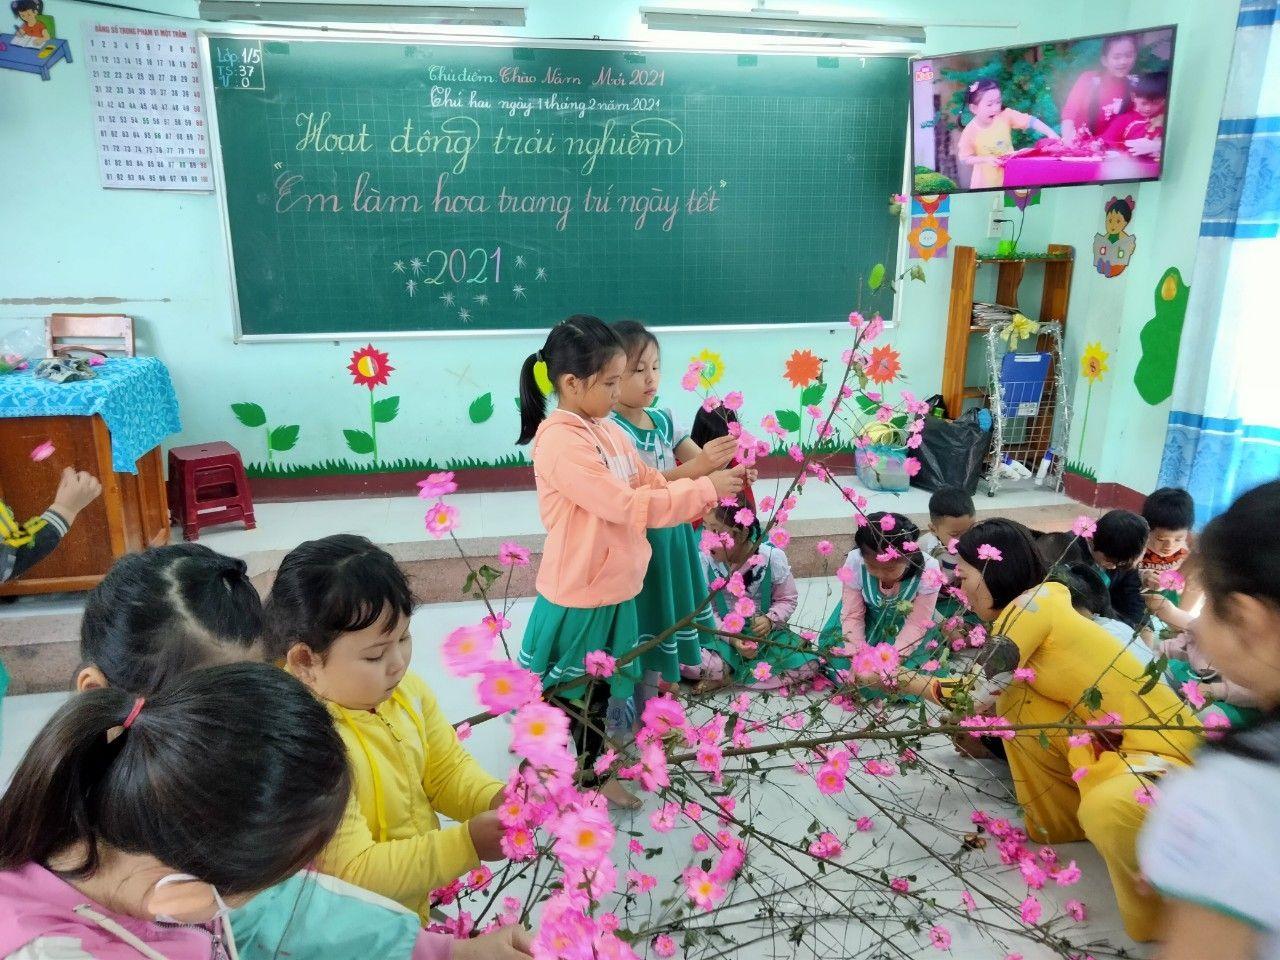 Học sinh Trường Tiểu học Nguyễn Văn Trỗi (Tam Kỳ) trang trí hoa ngày tết. Ảnh: P.Đ.V